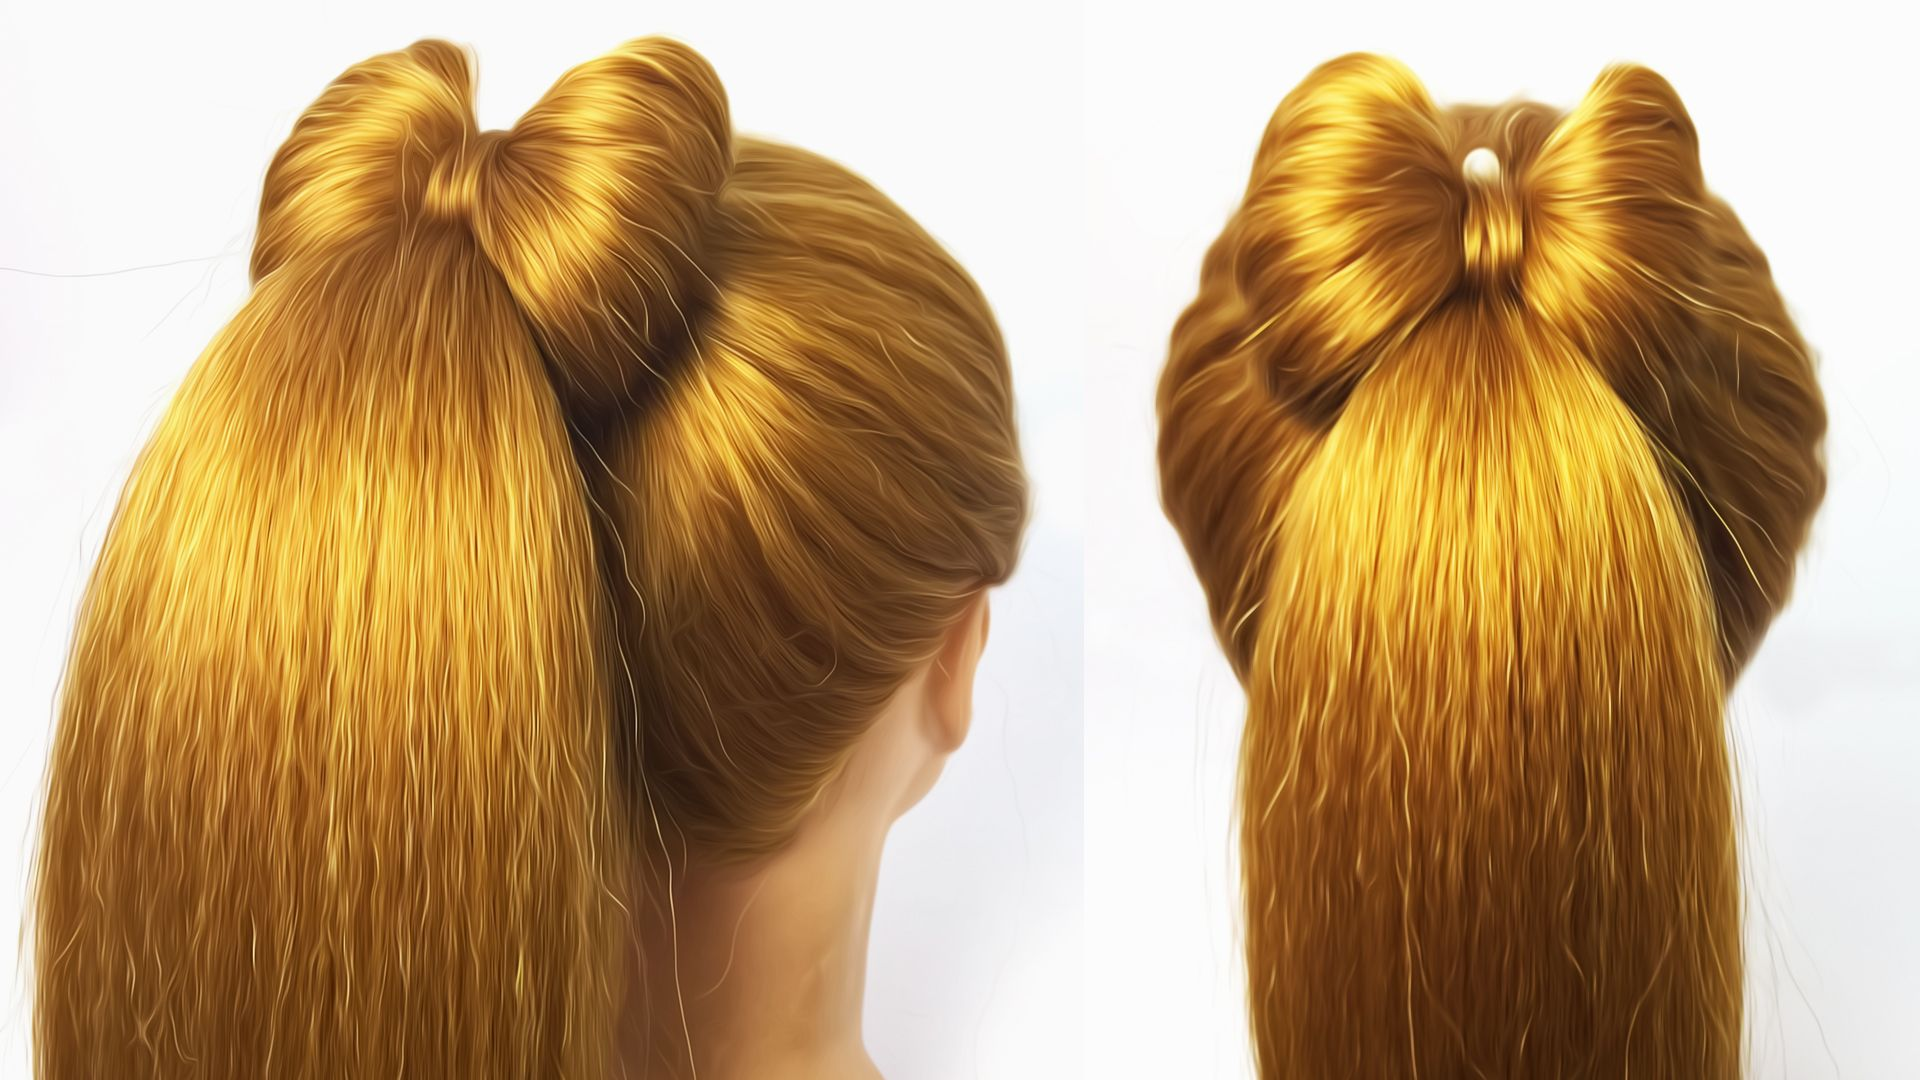 Easy Hairstyles In 2020 Hair Styles Hair Tutorial Hairstyle